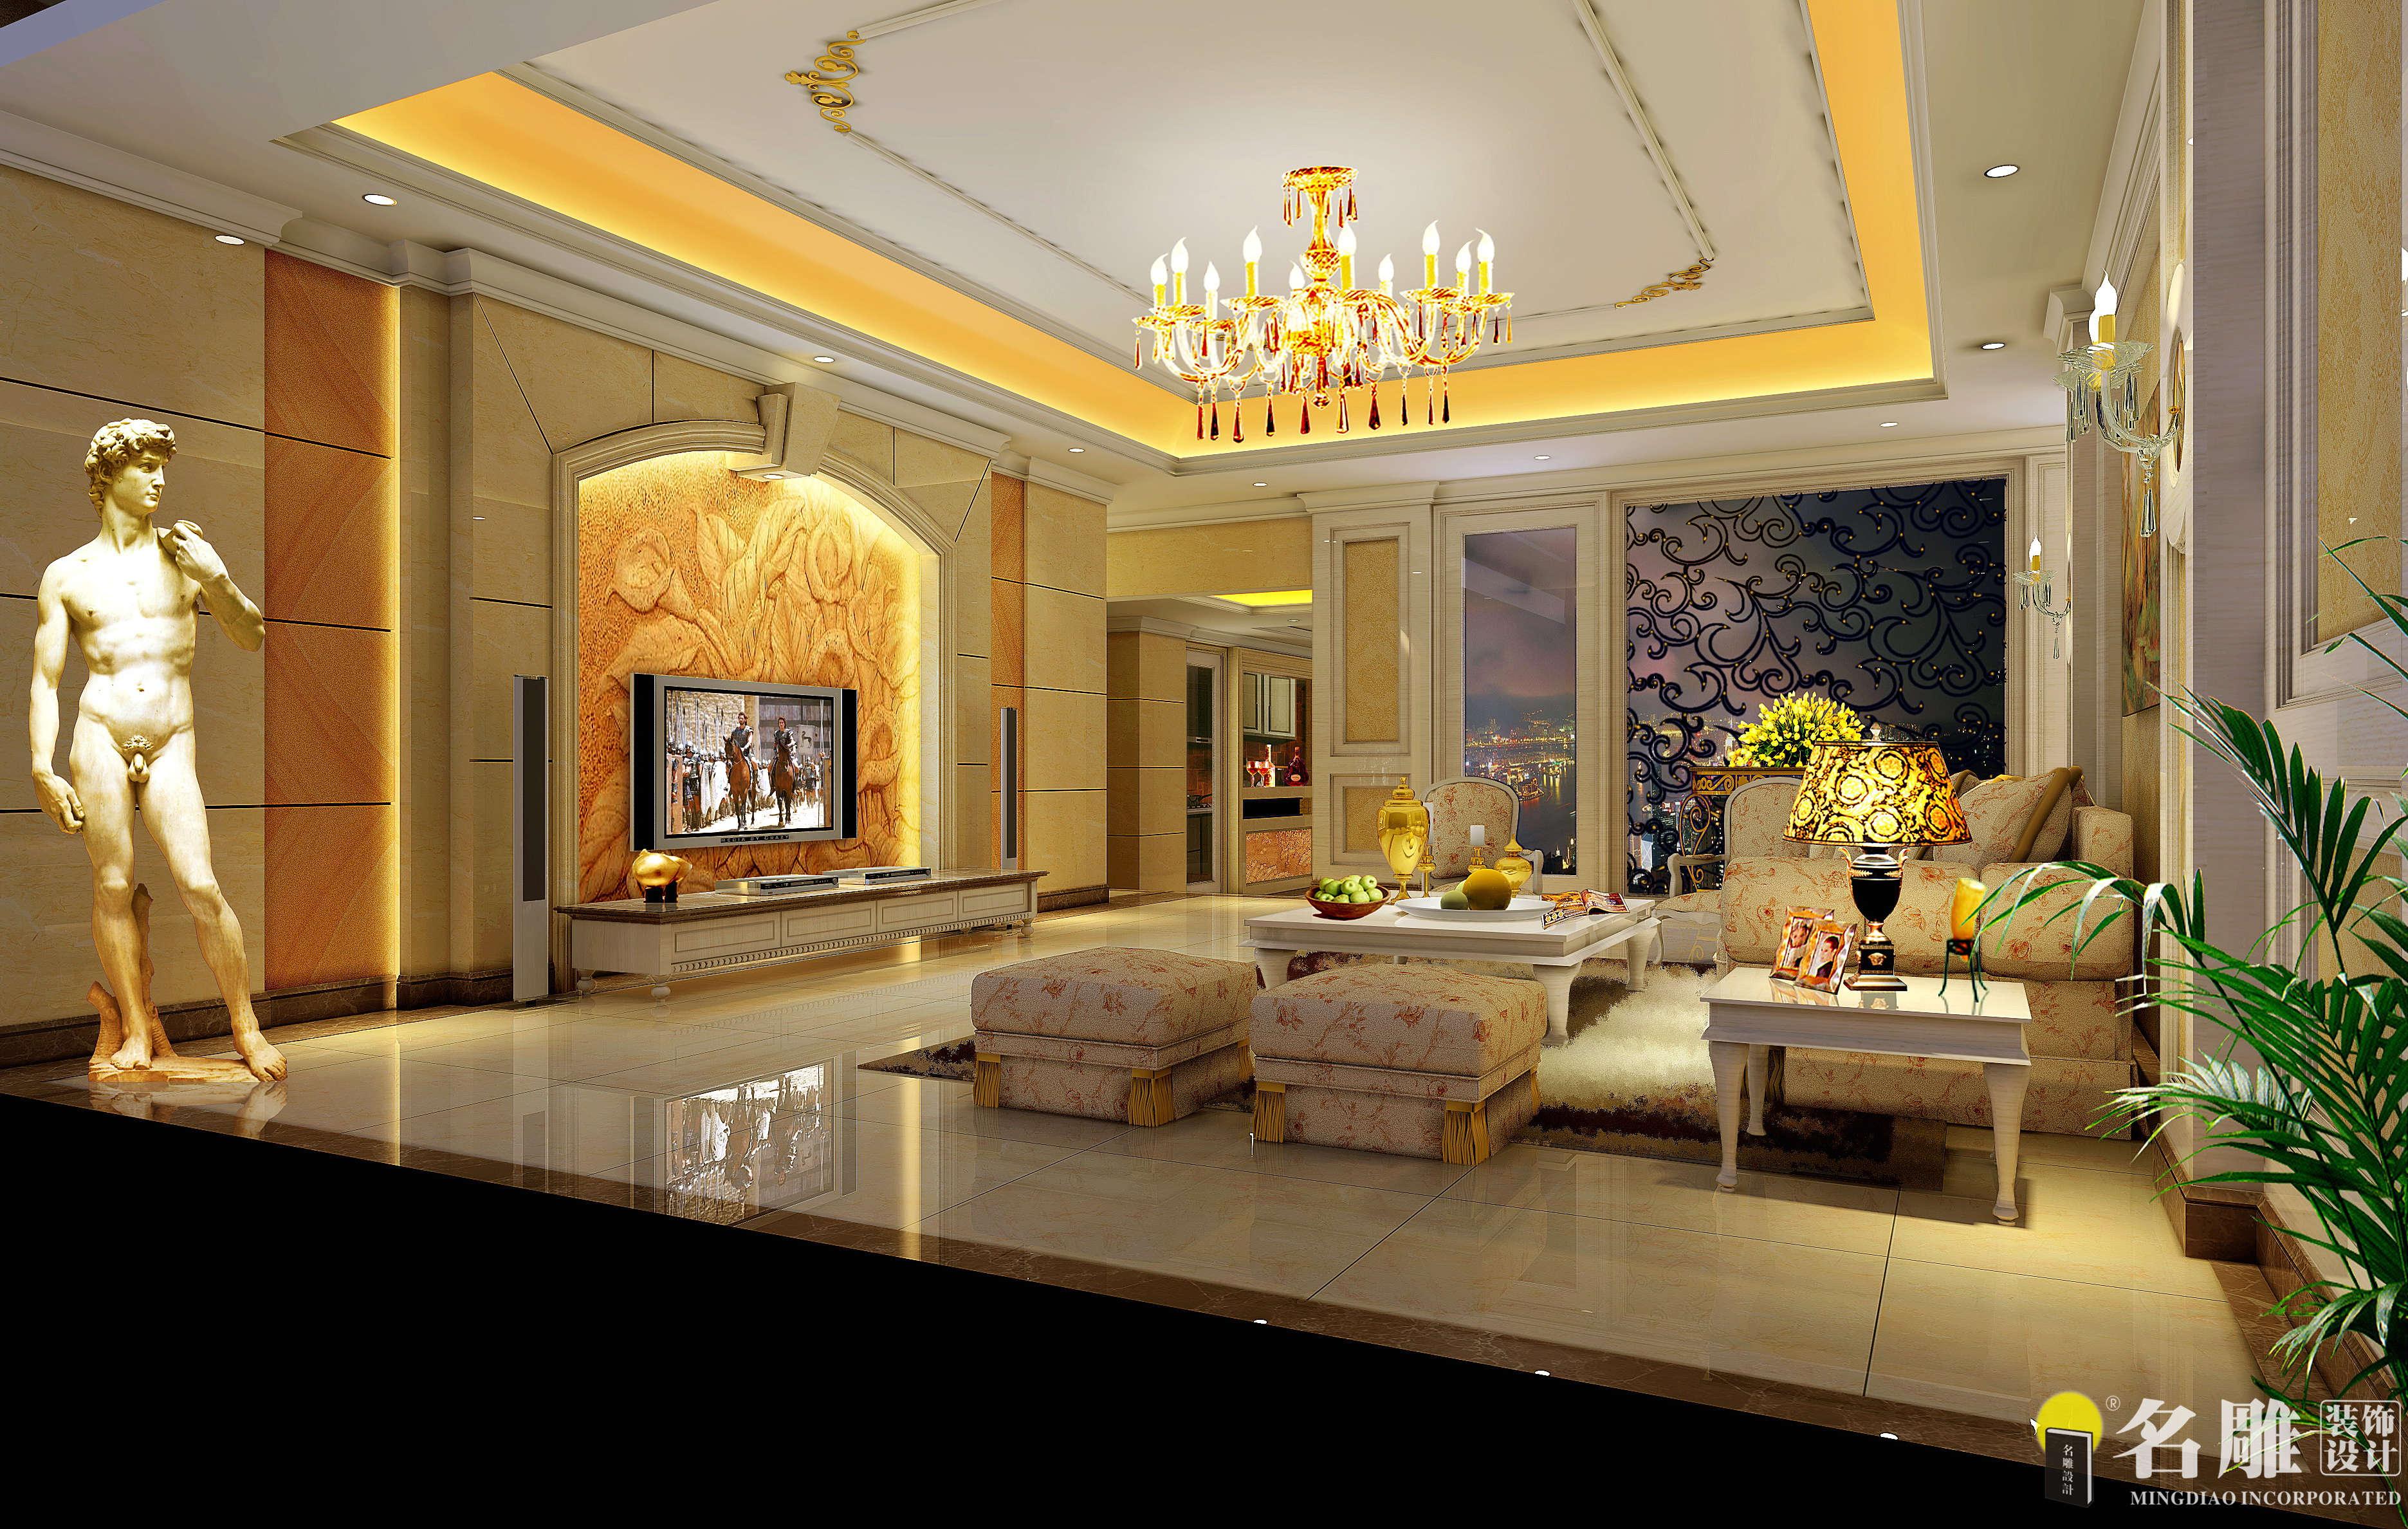 欧式 四居室 香蜜湖一号 高富帅 暖色调装饰 名雕装饰 客厅图片来自名雕装饰设计在香蜜湖一号华皓阁欧式奢华空间的分享